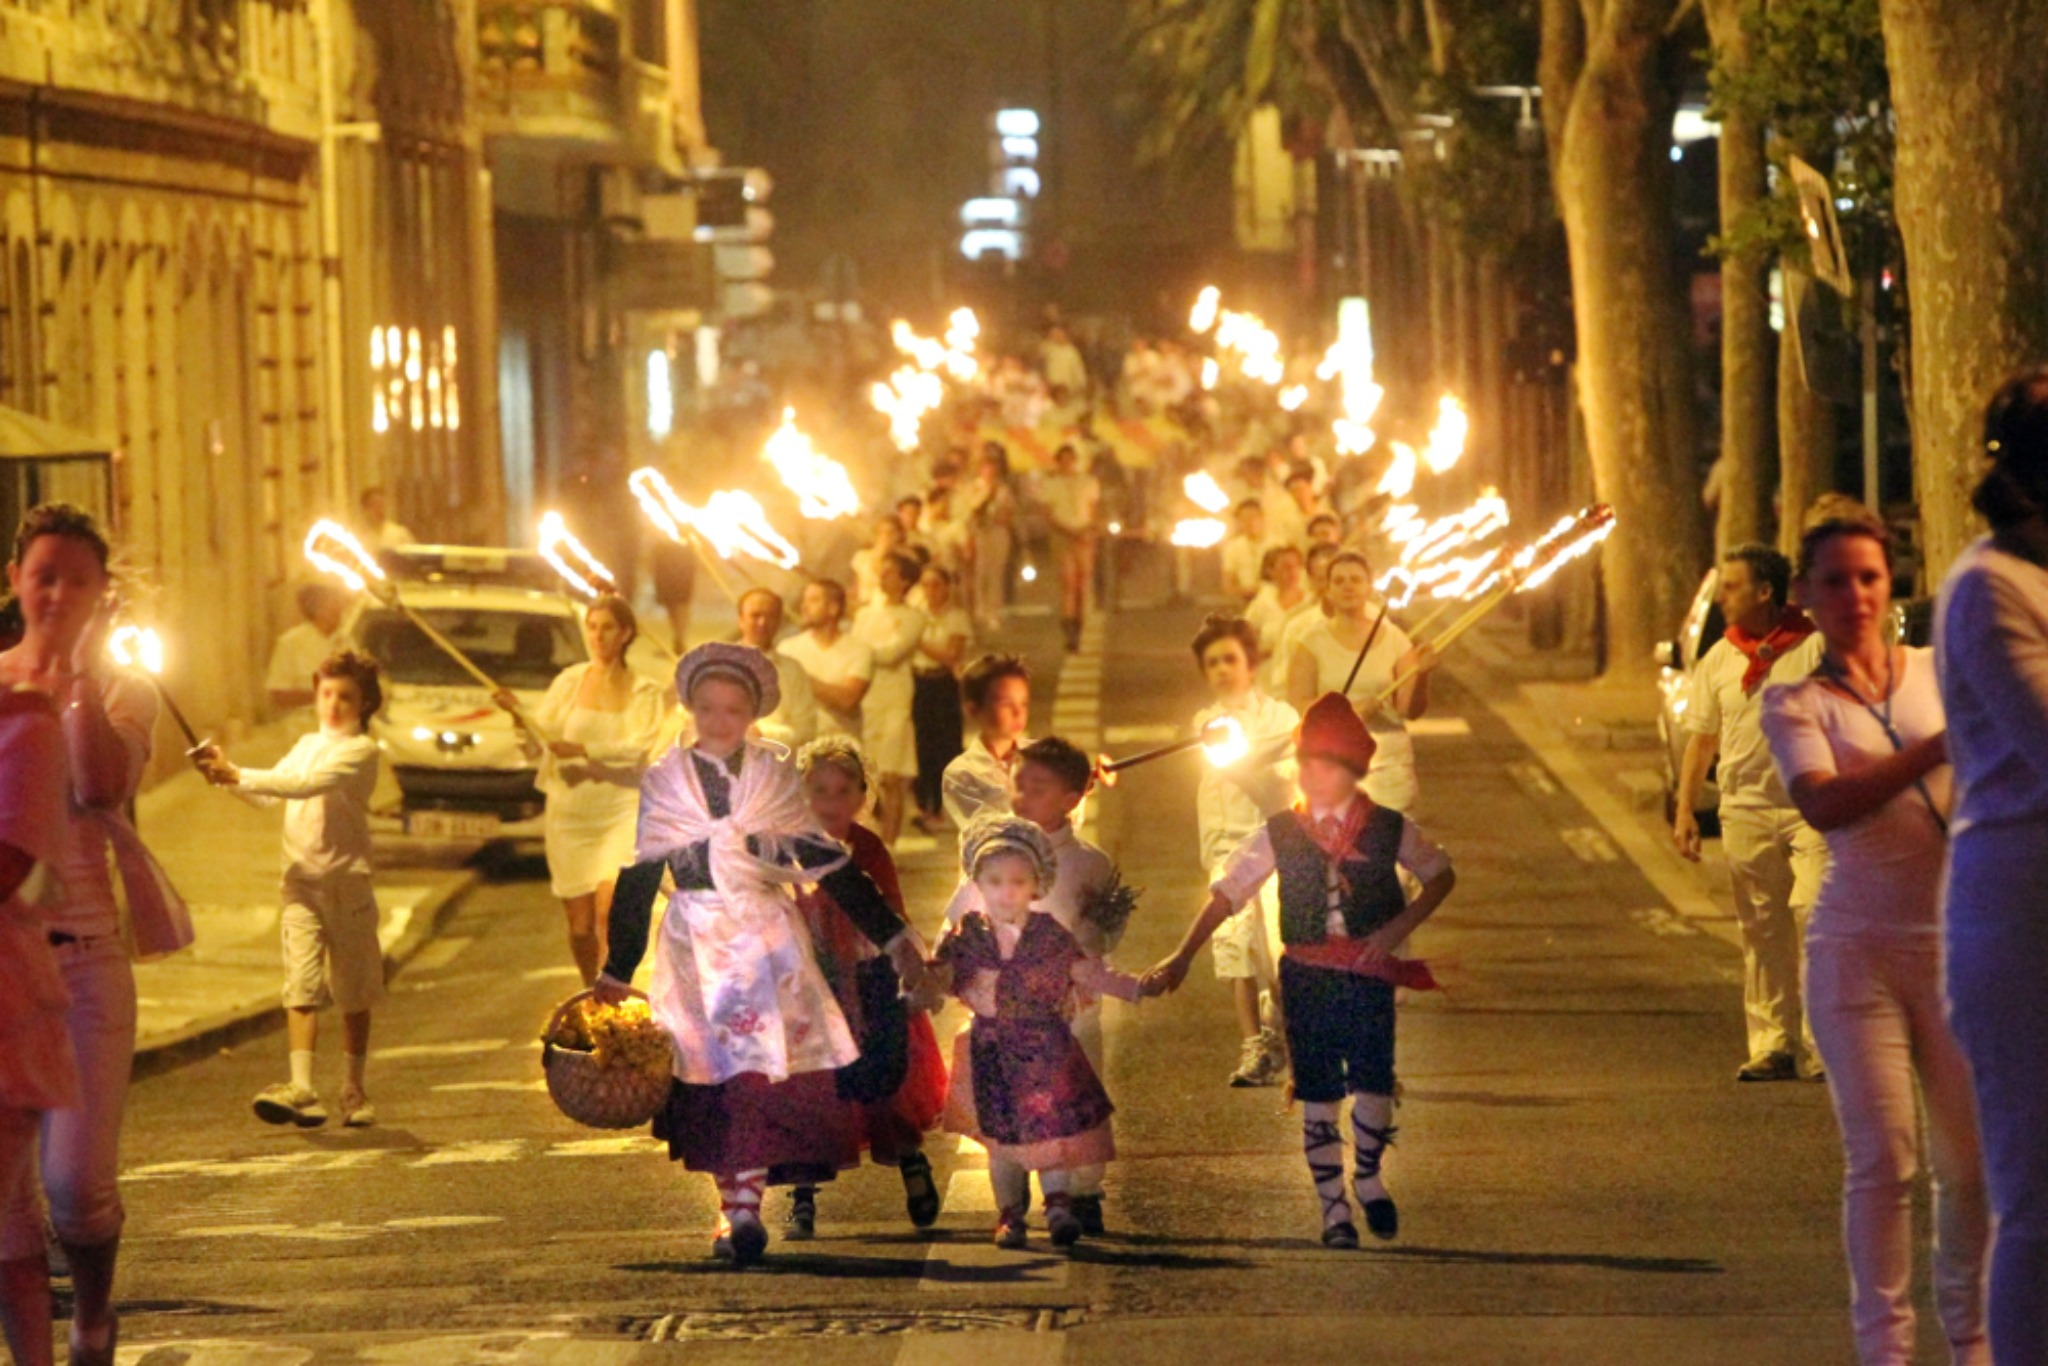 Feu sacré pour nuit d'été , les feux de la Saint-Jean à Perpignan